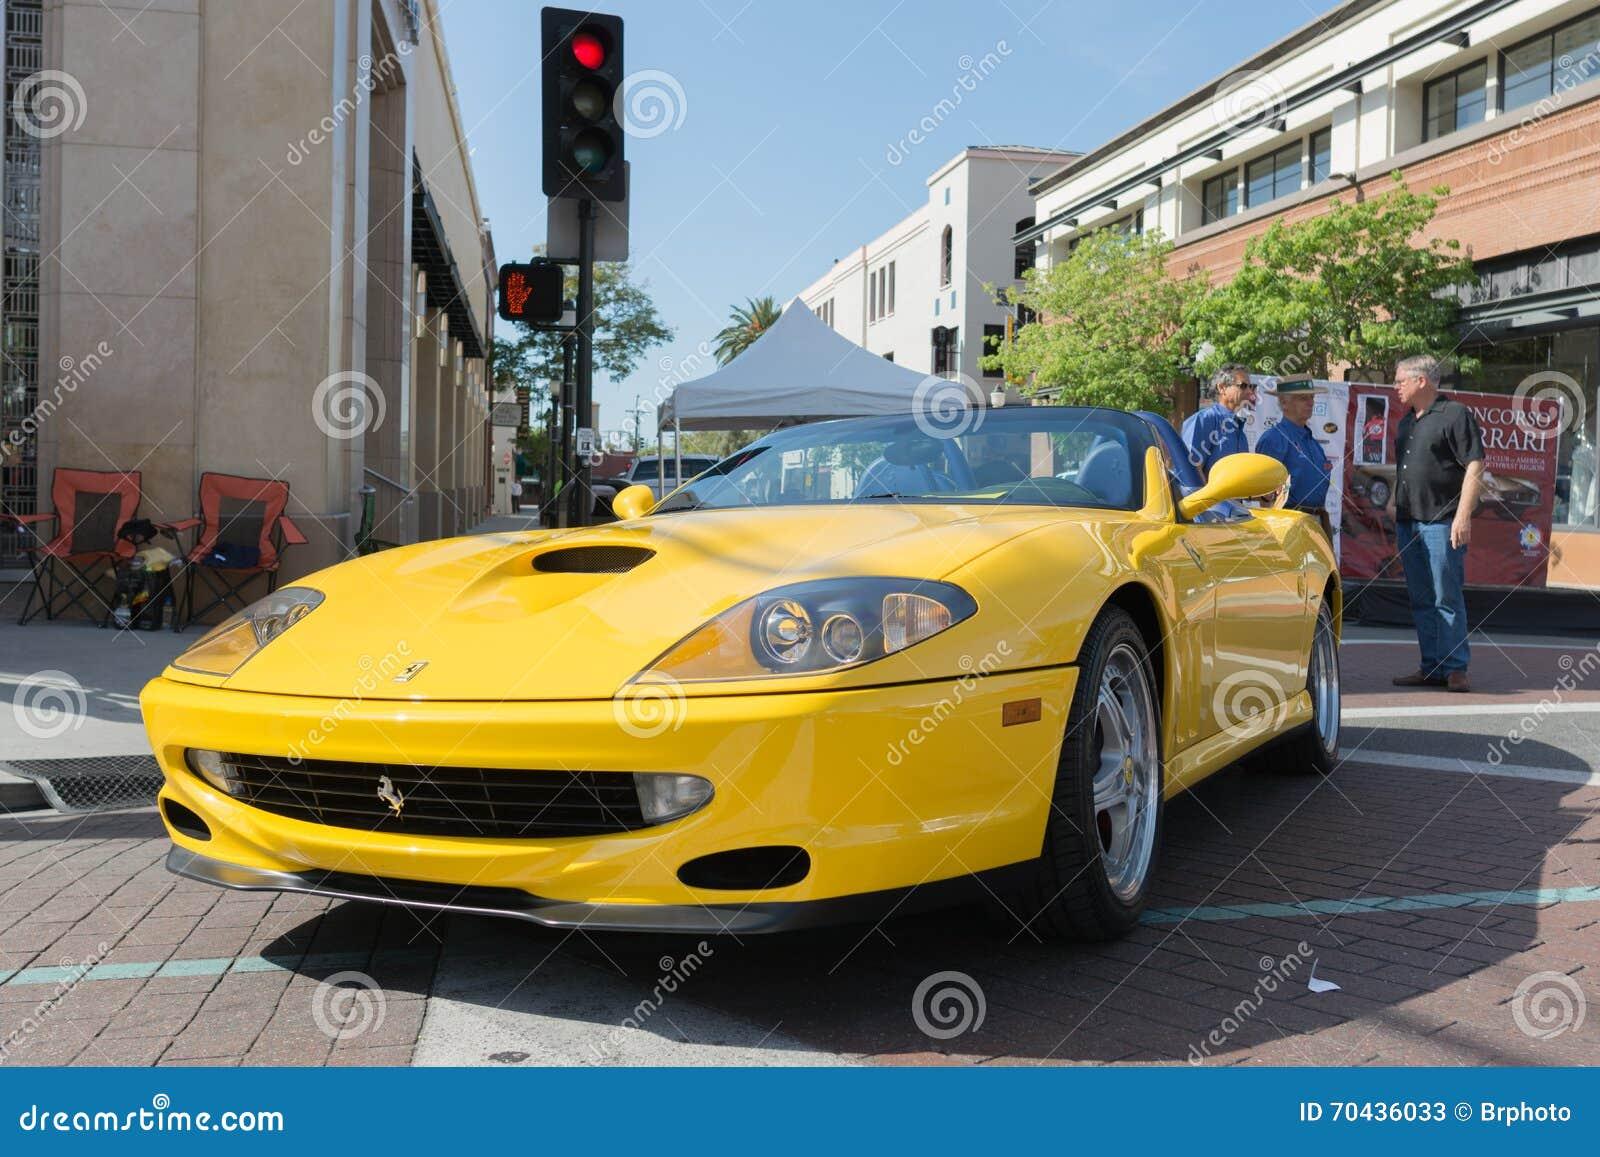 Pasadena Car Show April